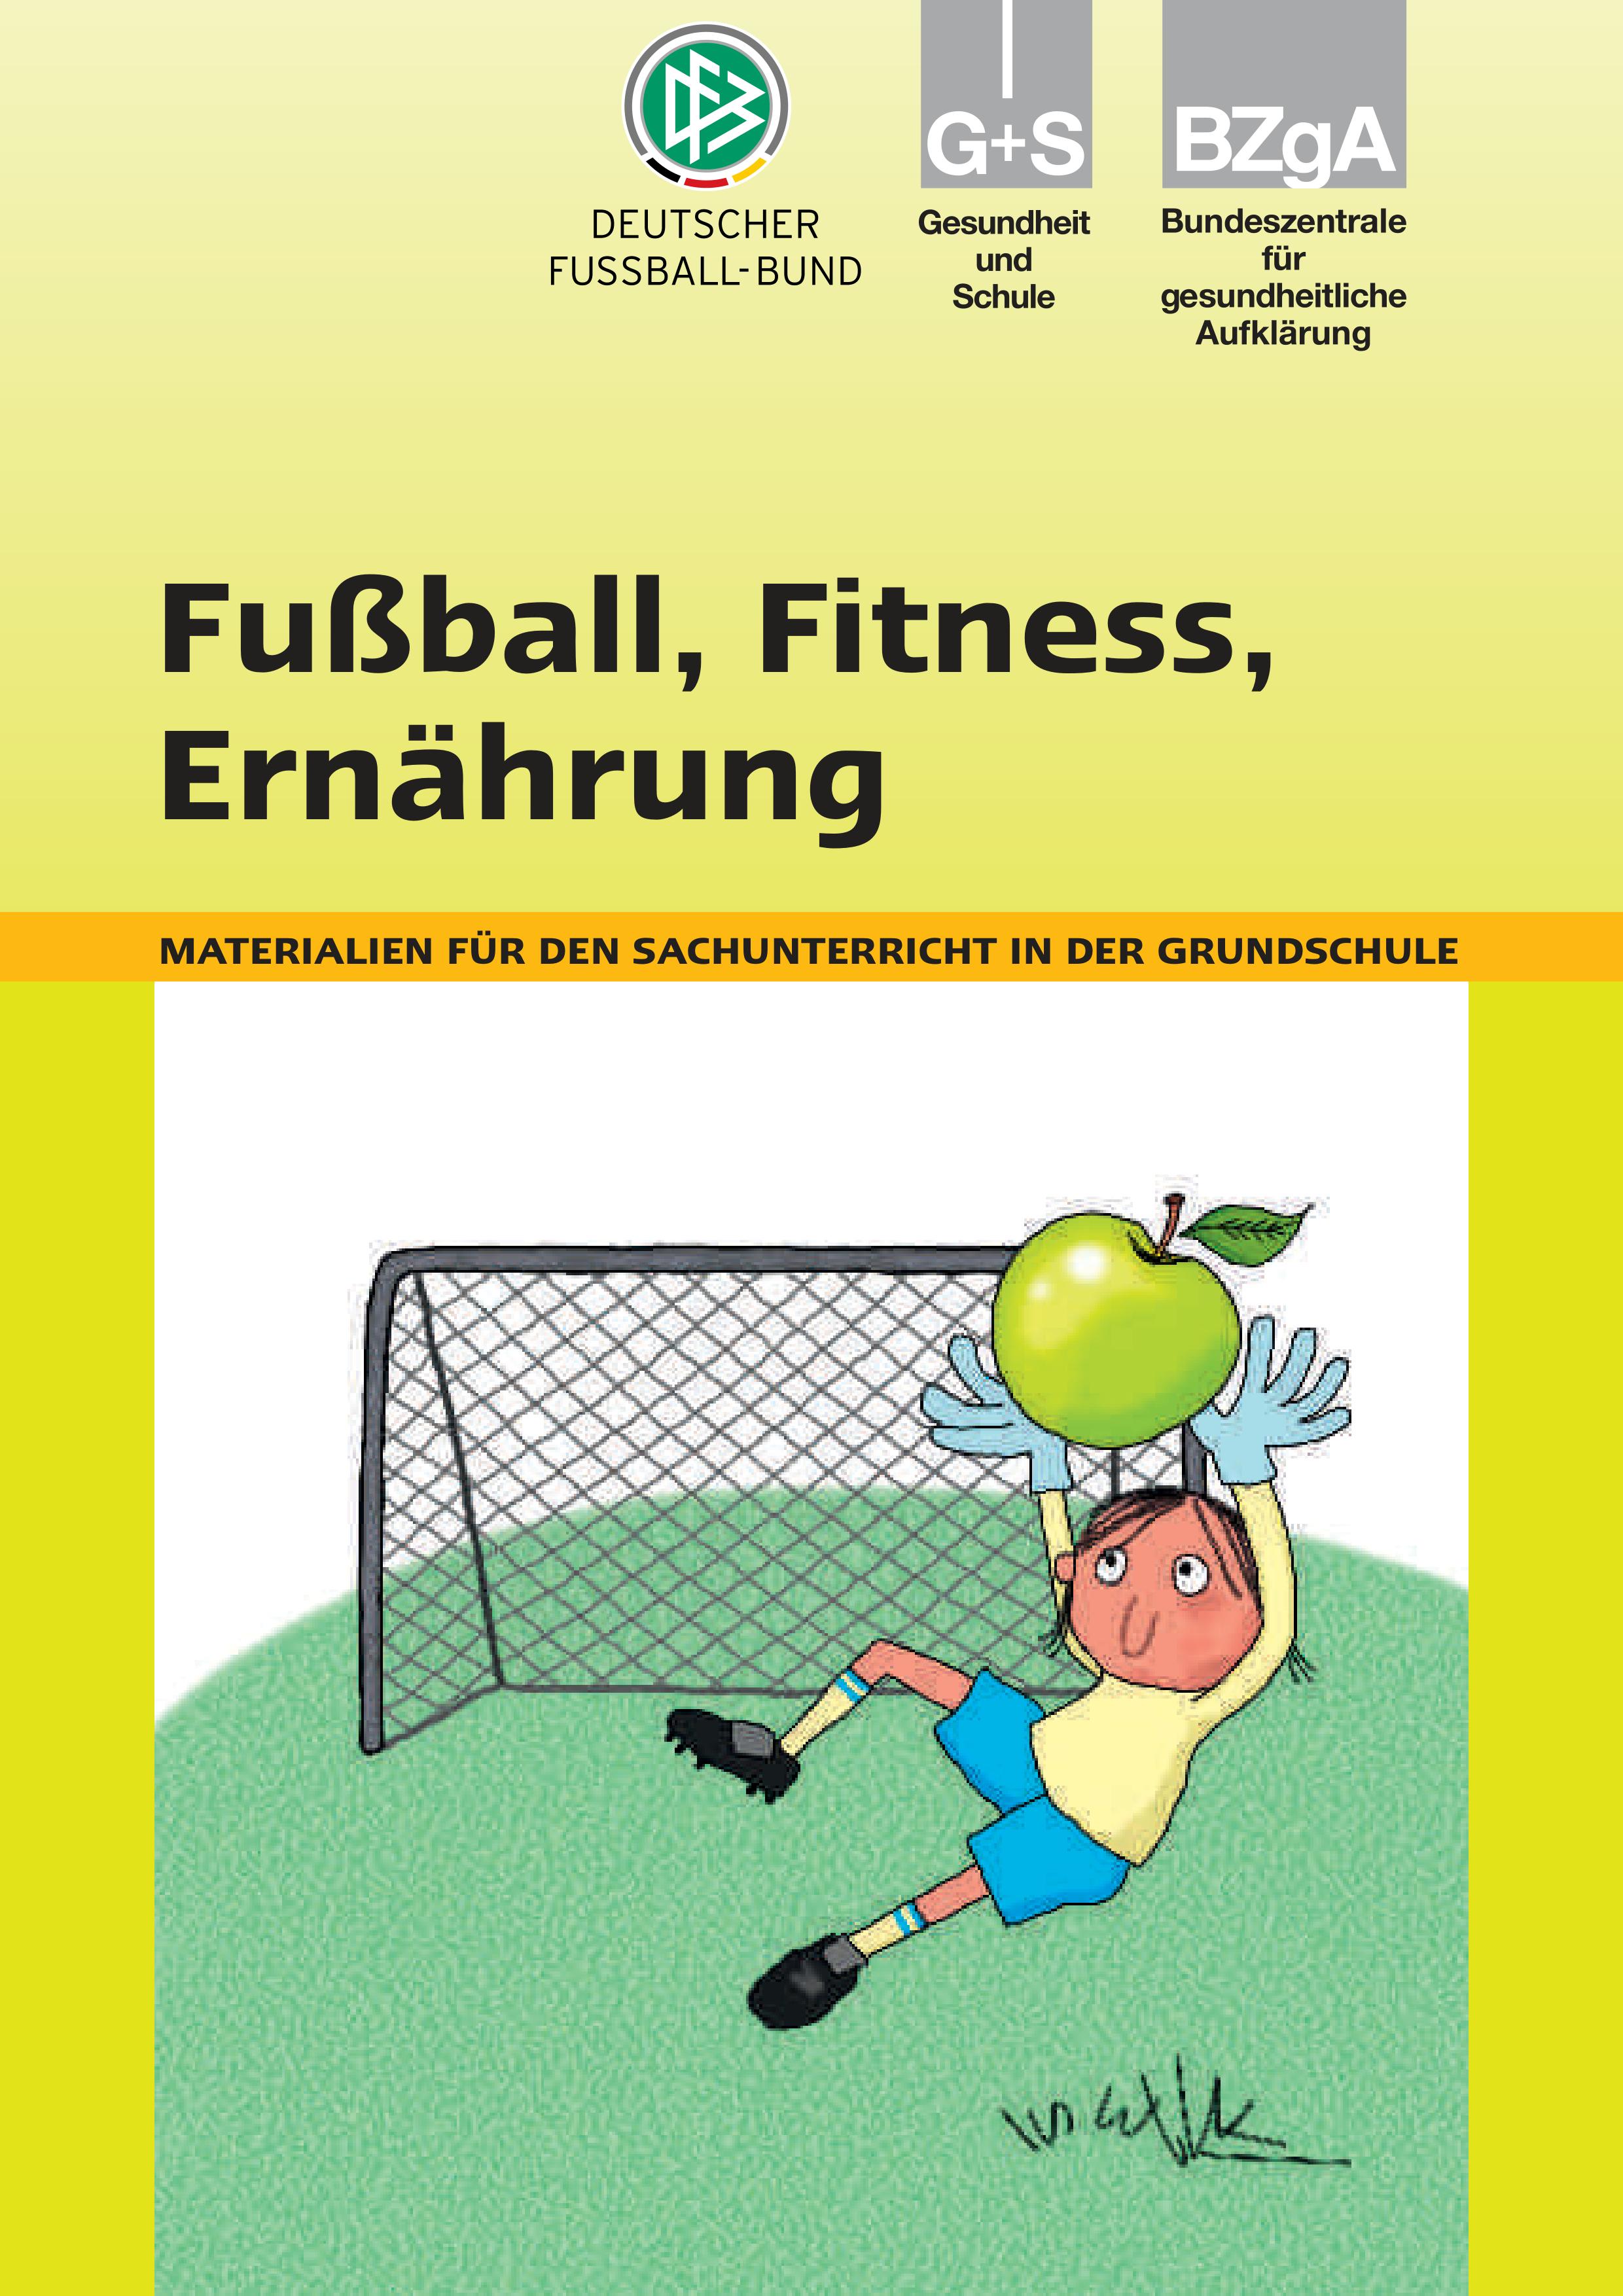 Fußball, Fitness, Ernährung